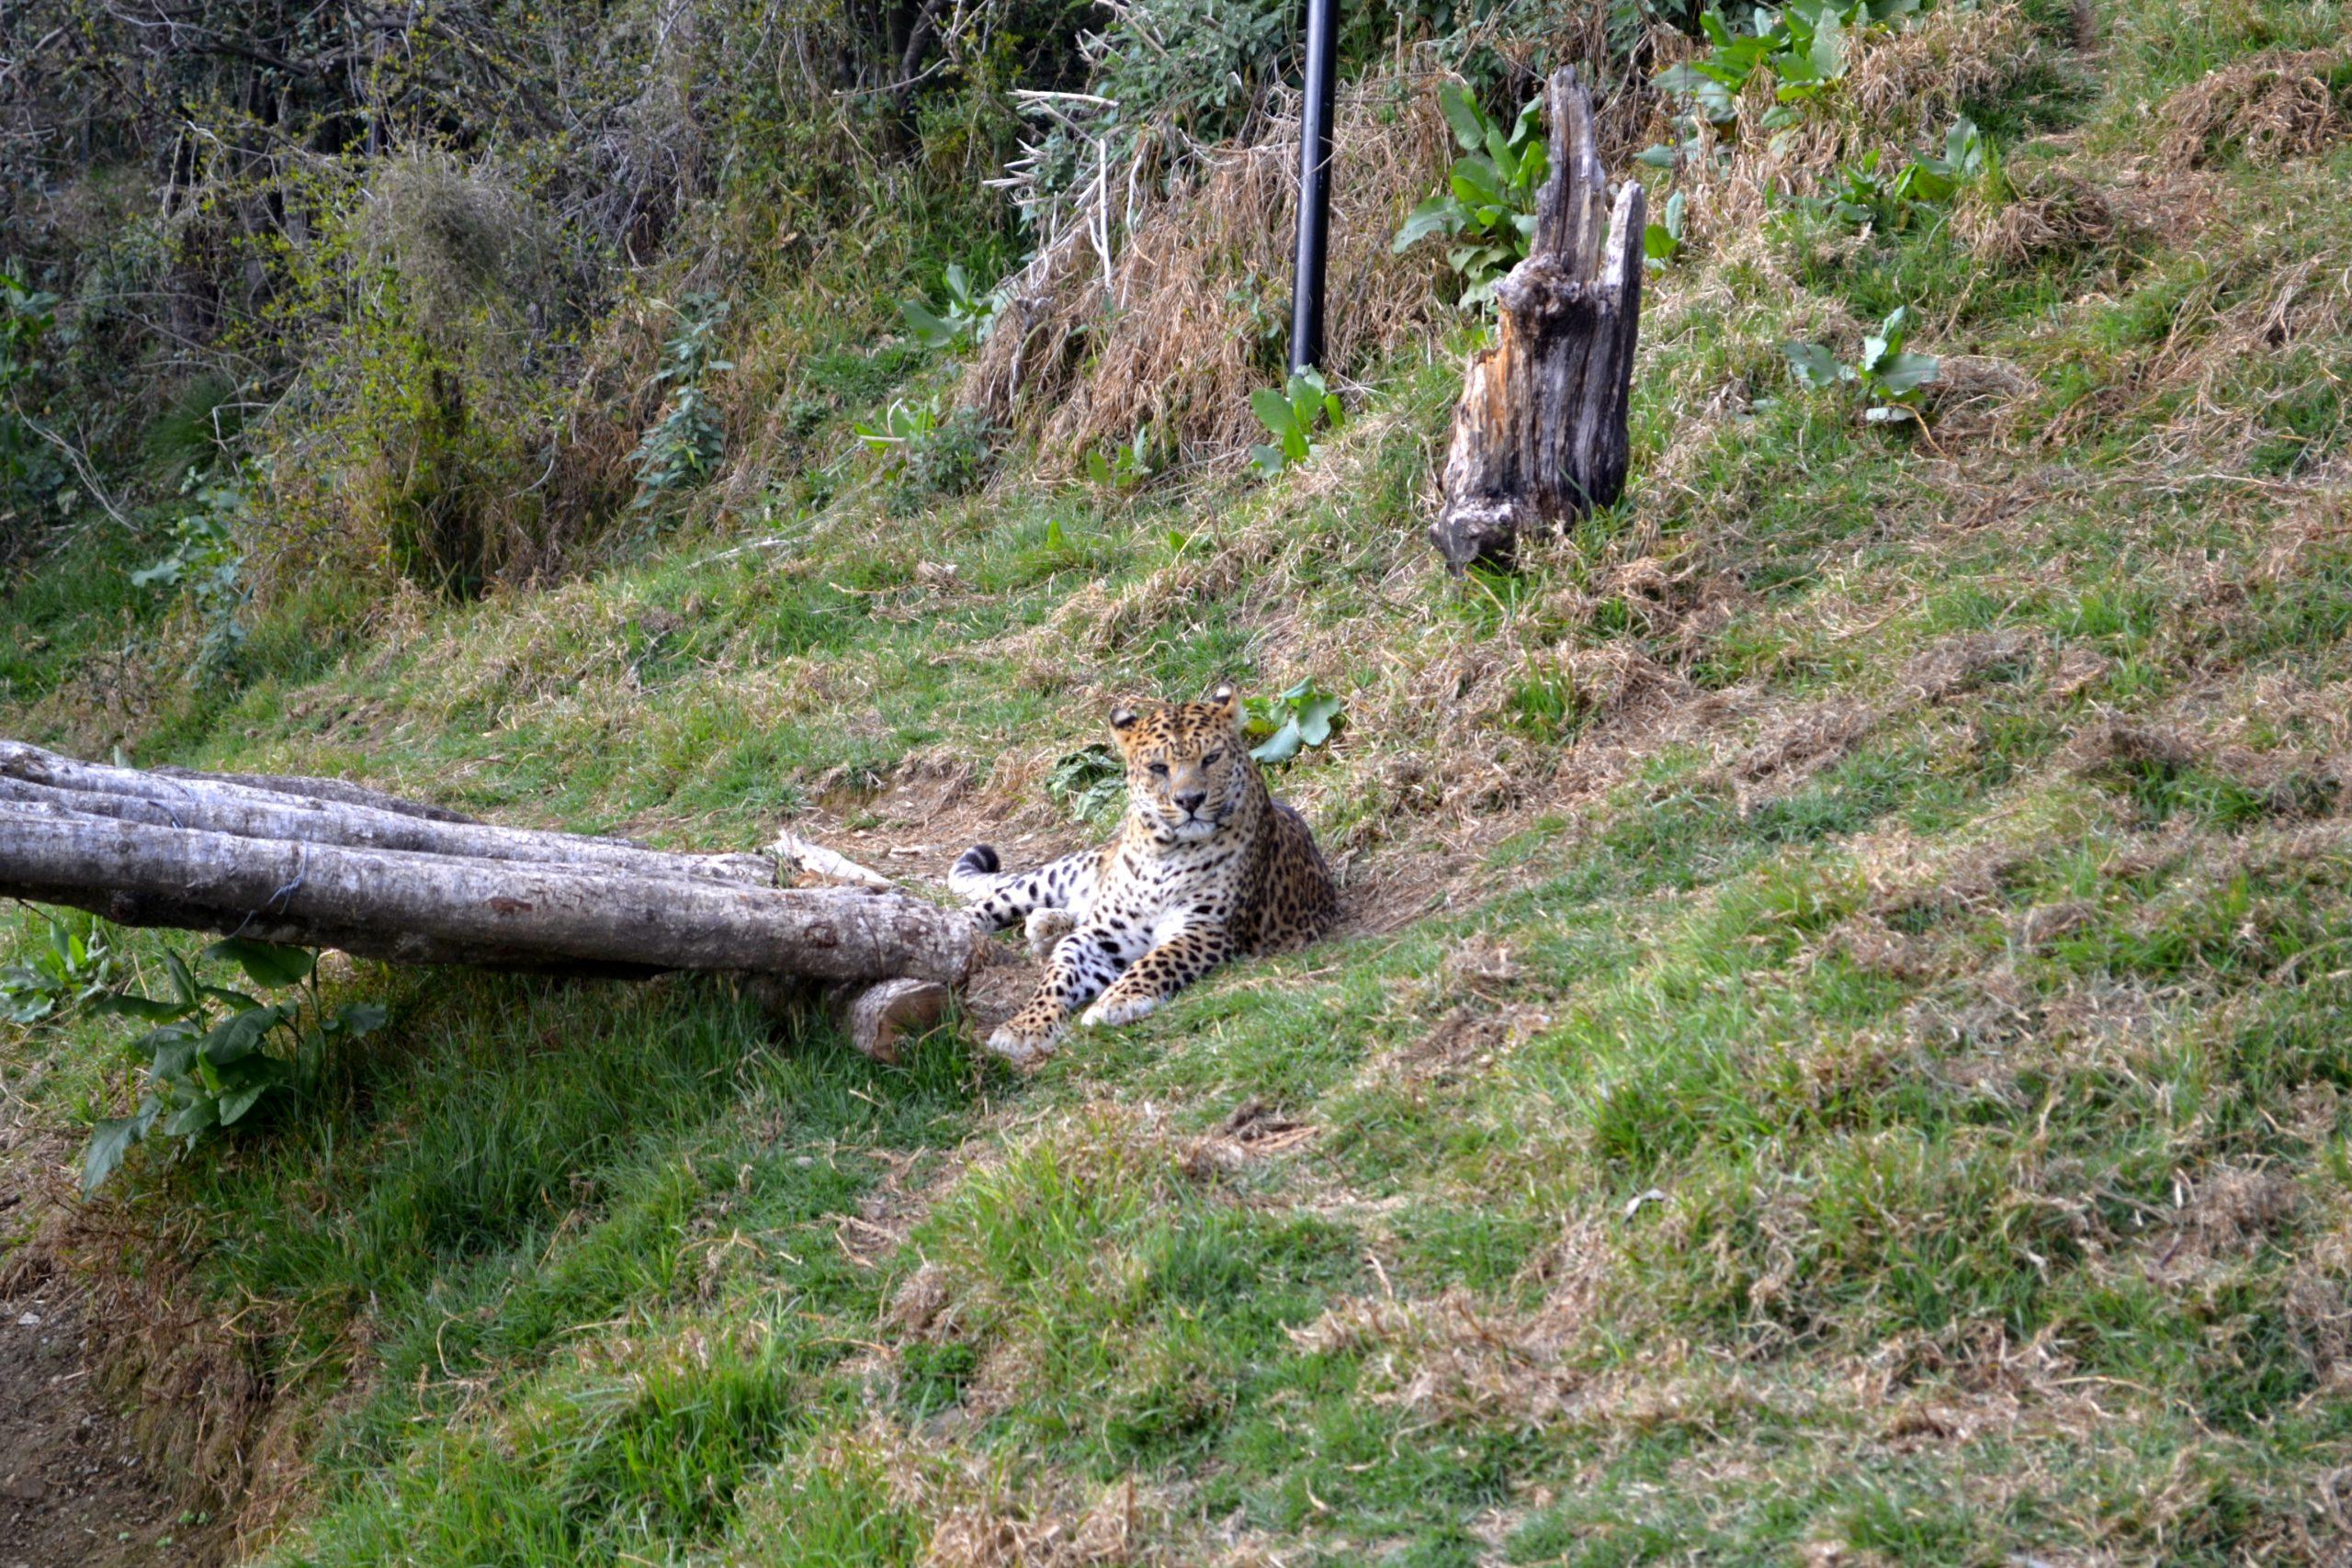 Jim Corbett National Park Most Popular Place To Visit In Uttarakhand